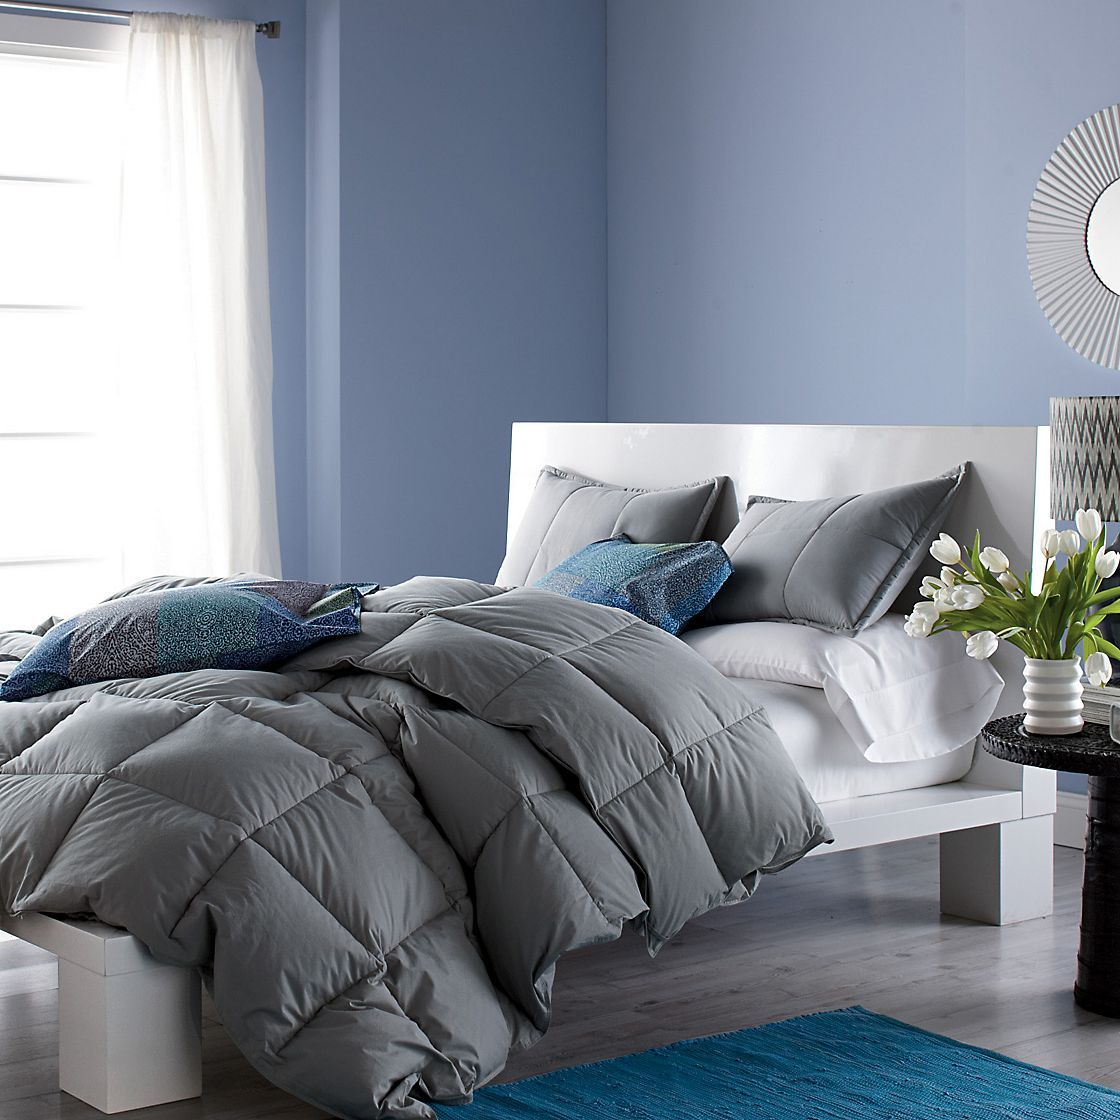 la crosse down comforter duvet the